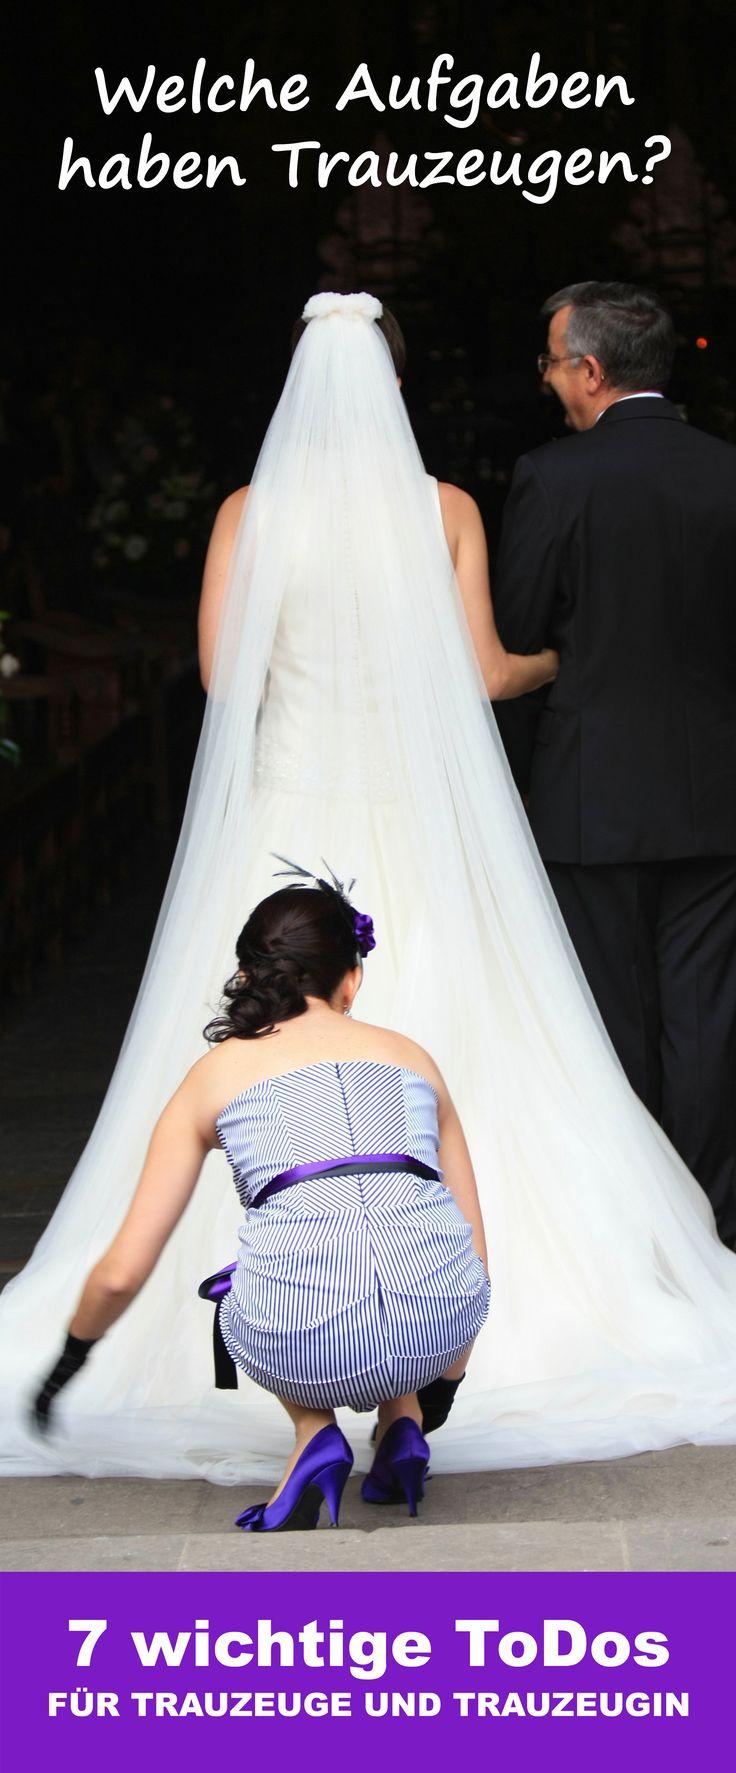 Wenn ihr diese Tipps als Trauzeugen beherzigt wird das Brautpaar euch garantiert lieben!